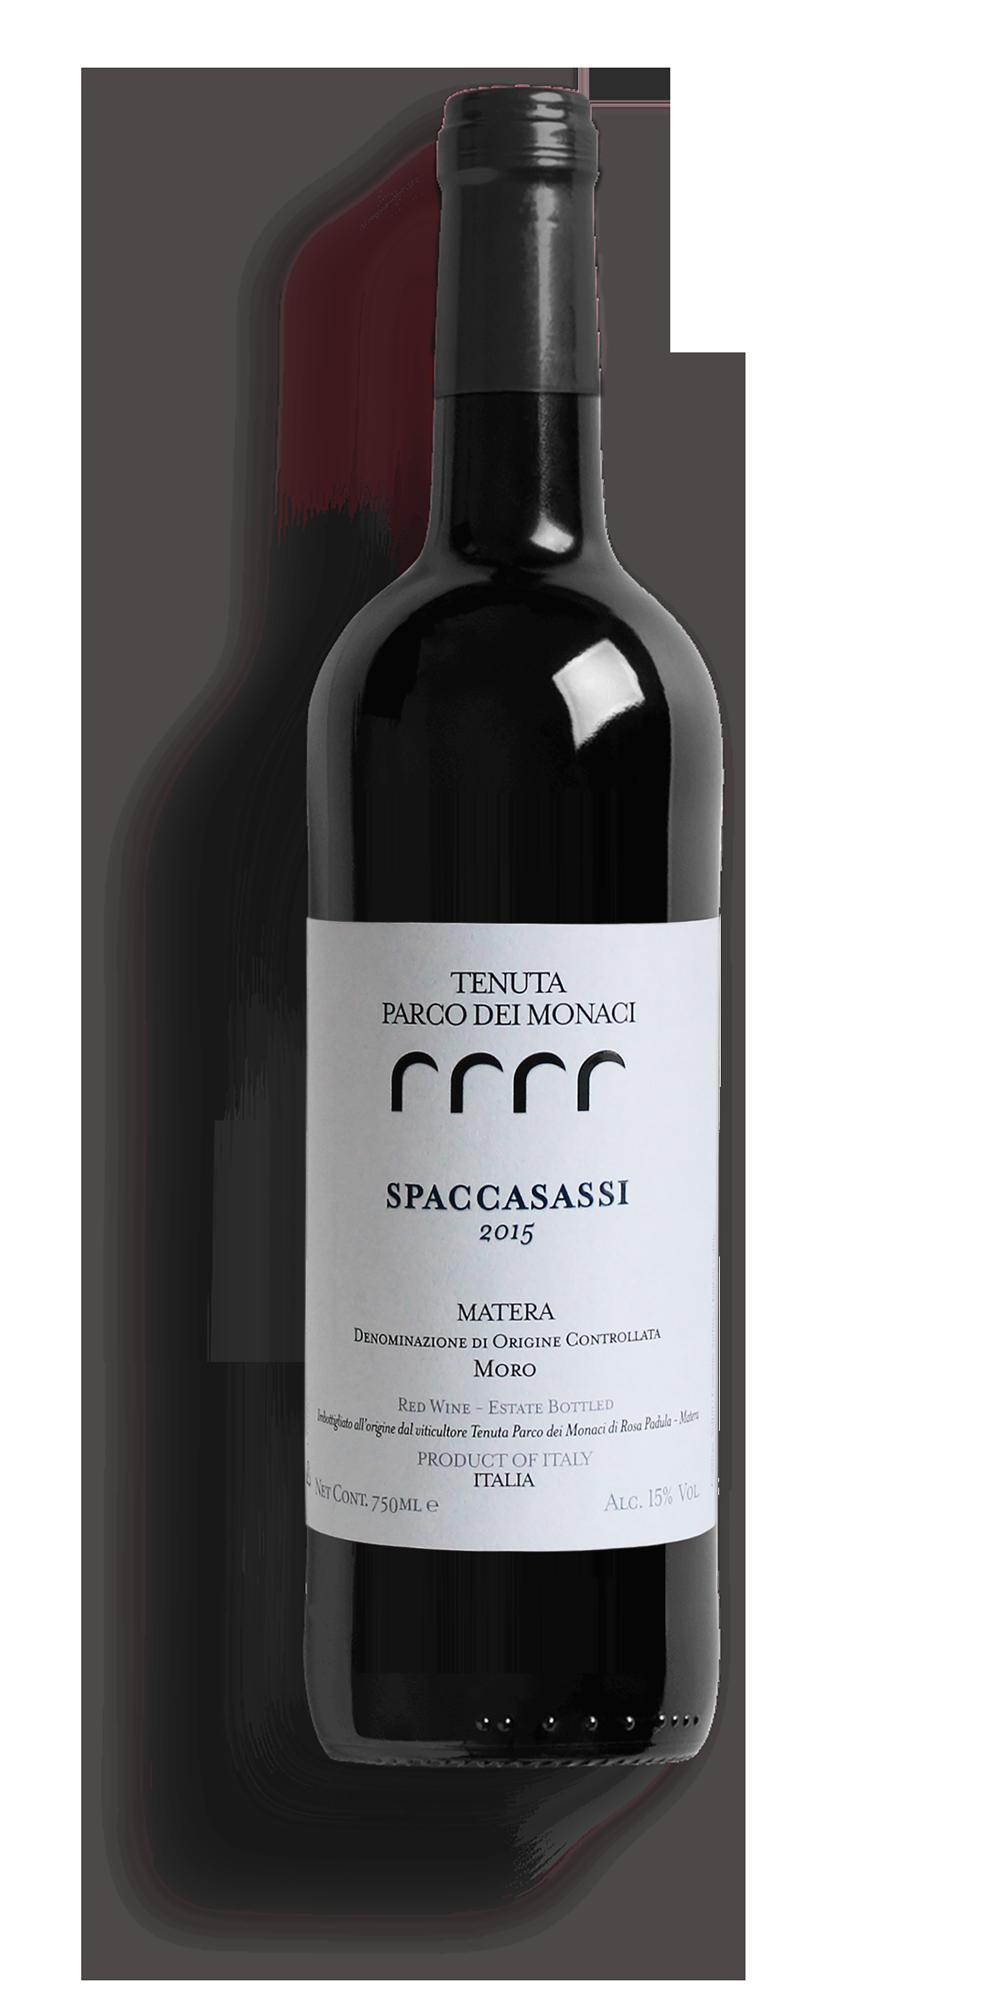 spaccasassi tenuta-parco-dei-monaci-azienda-agricola-vitivinicola-produzione-vino-primitivo-doc-monacello-rosapersempre-spaccasassi-matera-basilicata